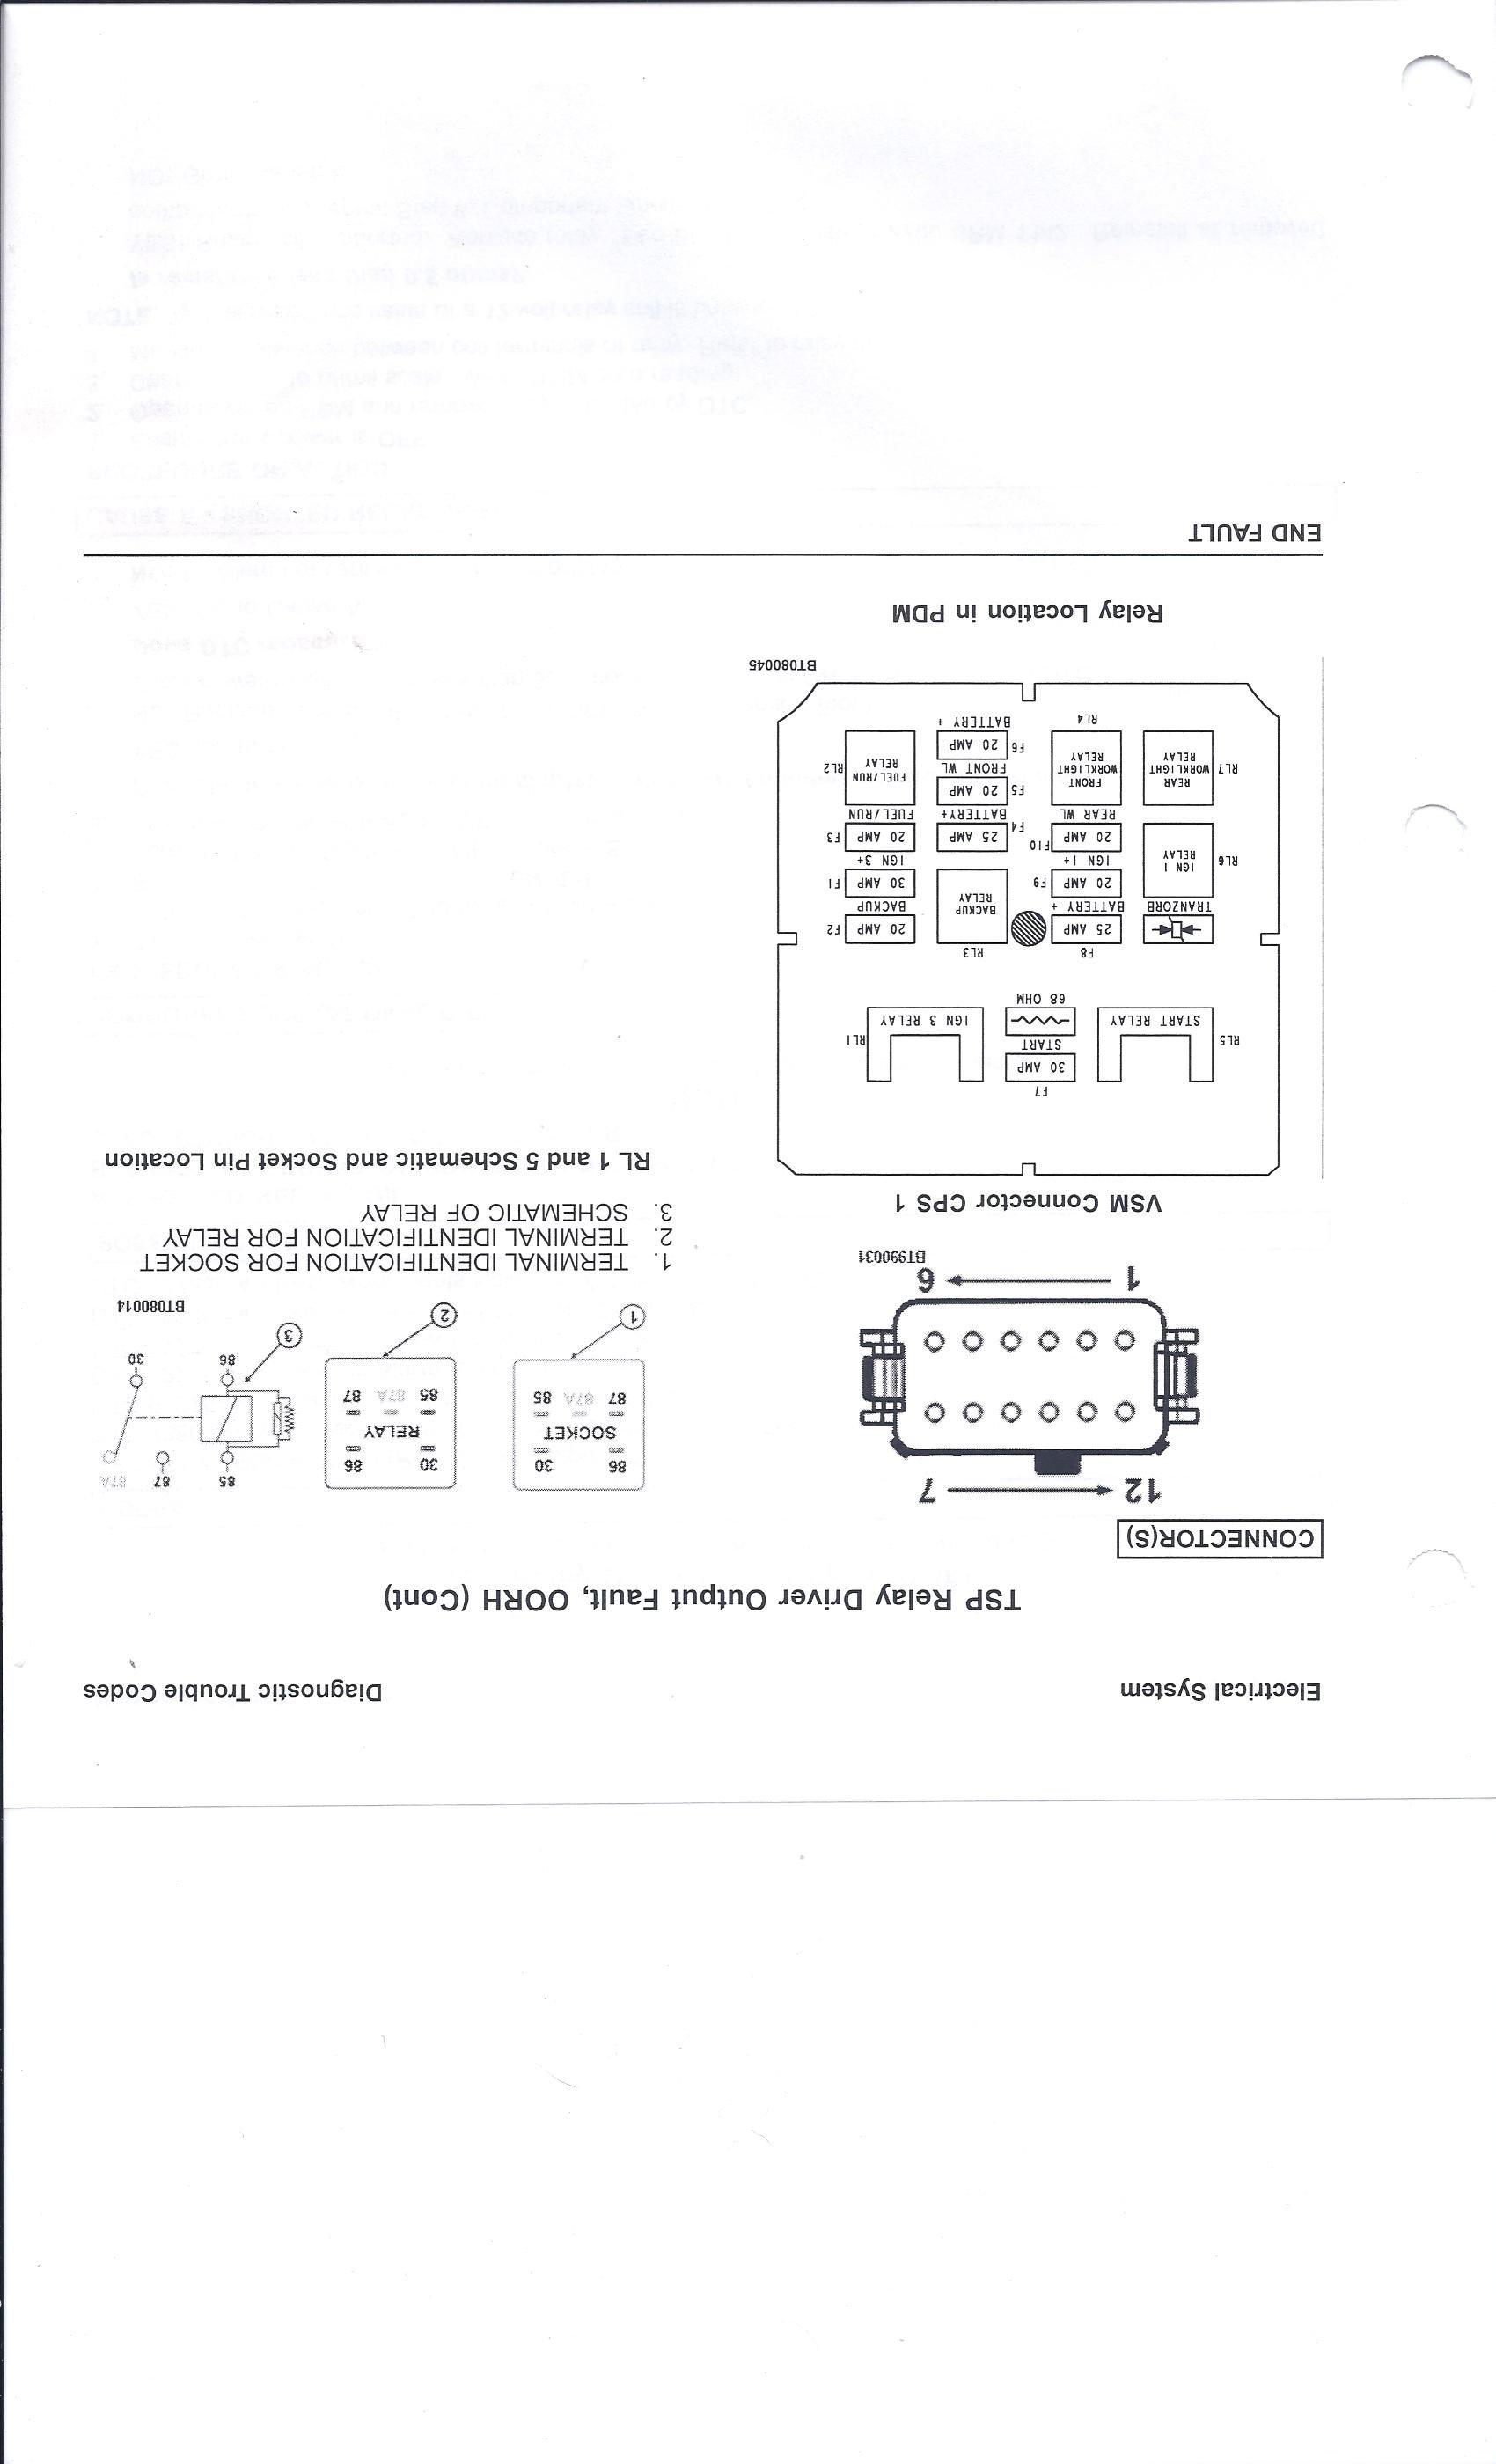 2007 Hyster 4K forklift Model Number H40FT-A and VIN